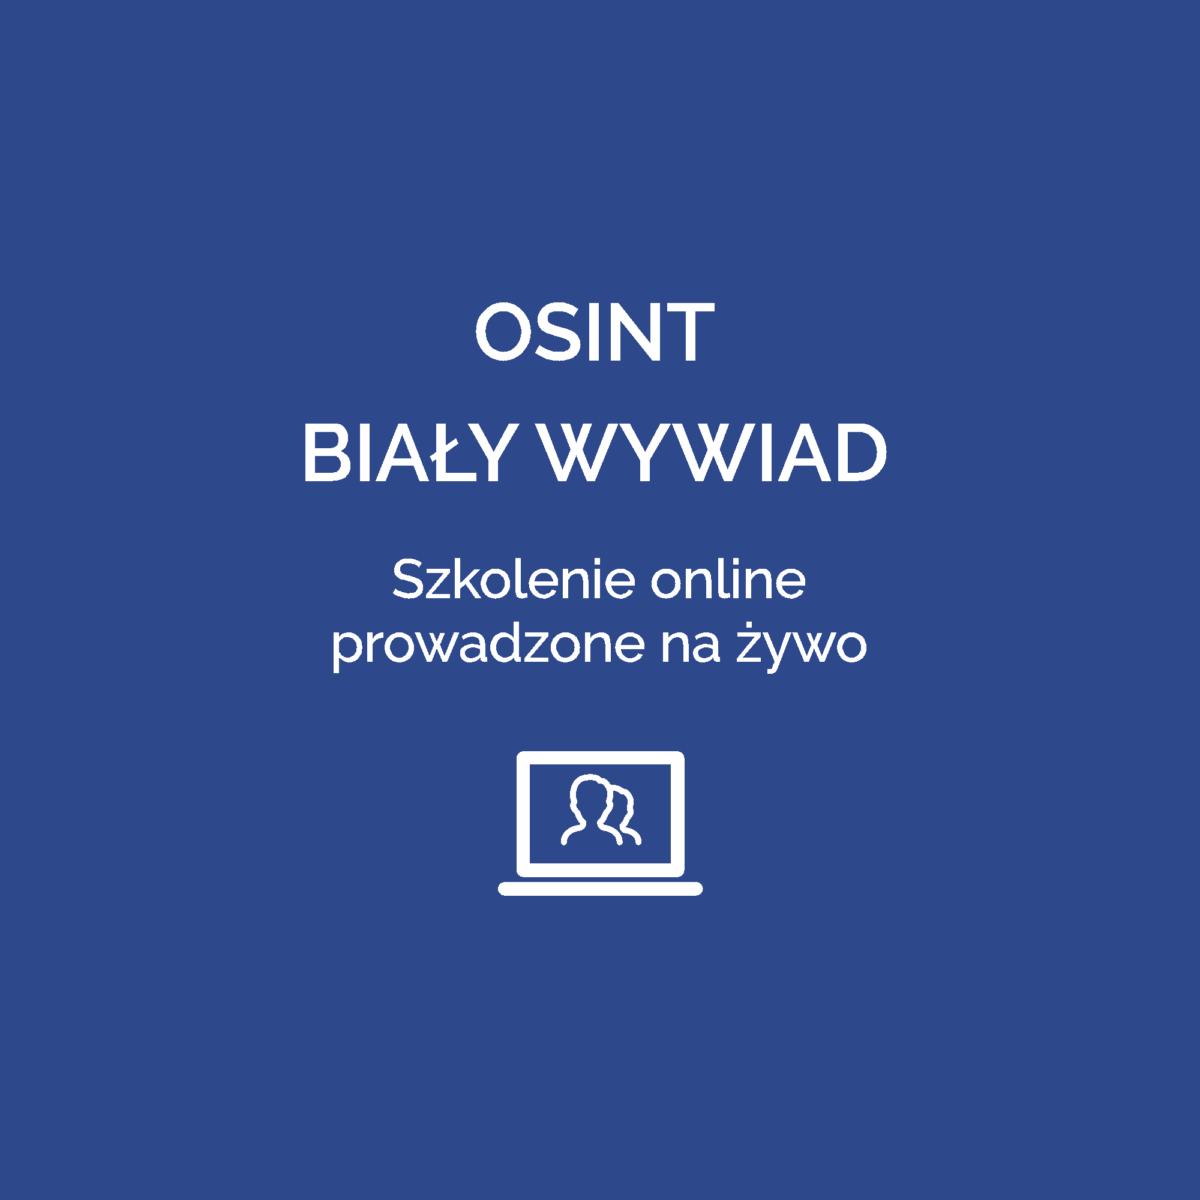 OSINT - Biały wywiad - Szkolenie online prowadzone na żywo